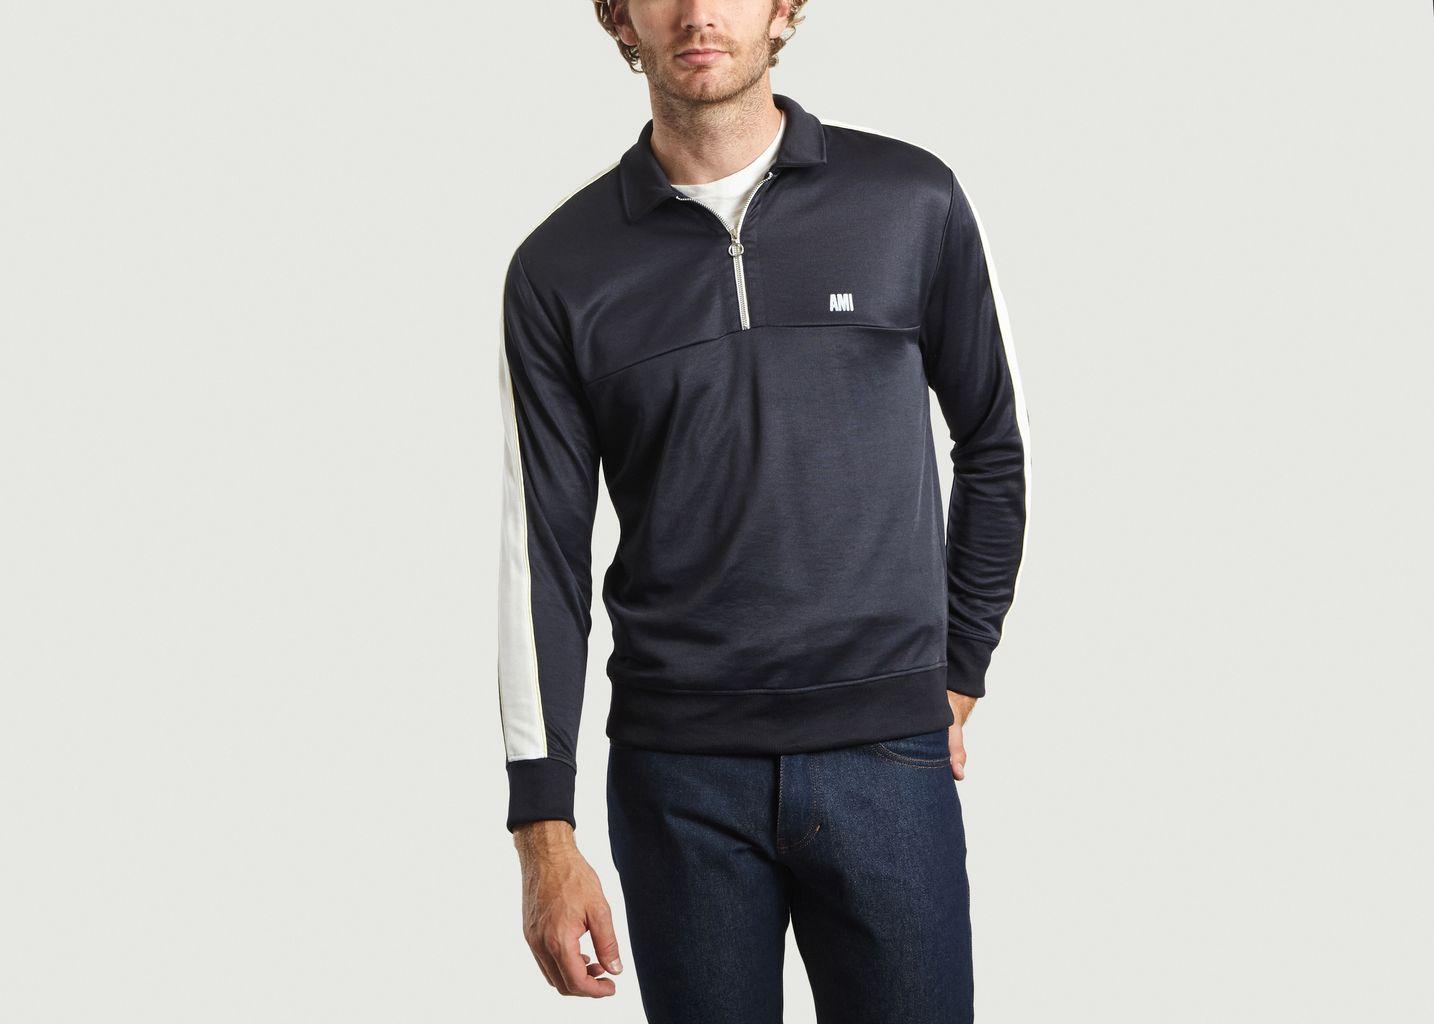 Sweatshirt Bicolore Mi-Zippé - AMI Alexandre Mattiussi